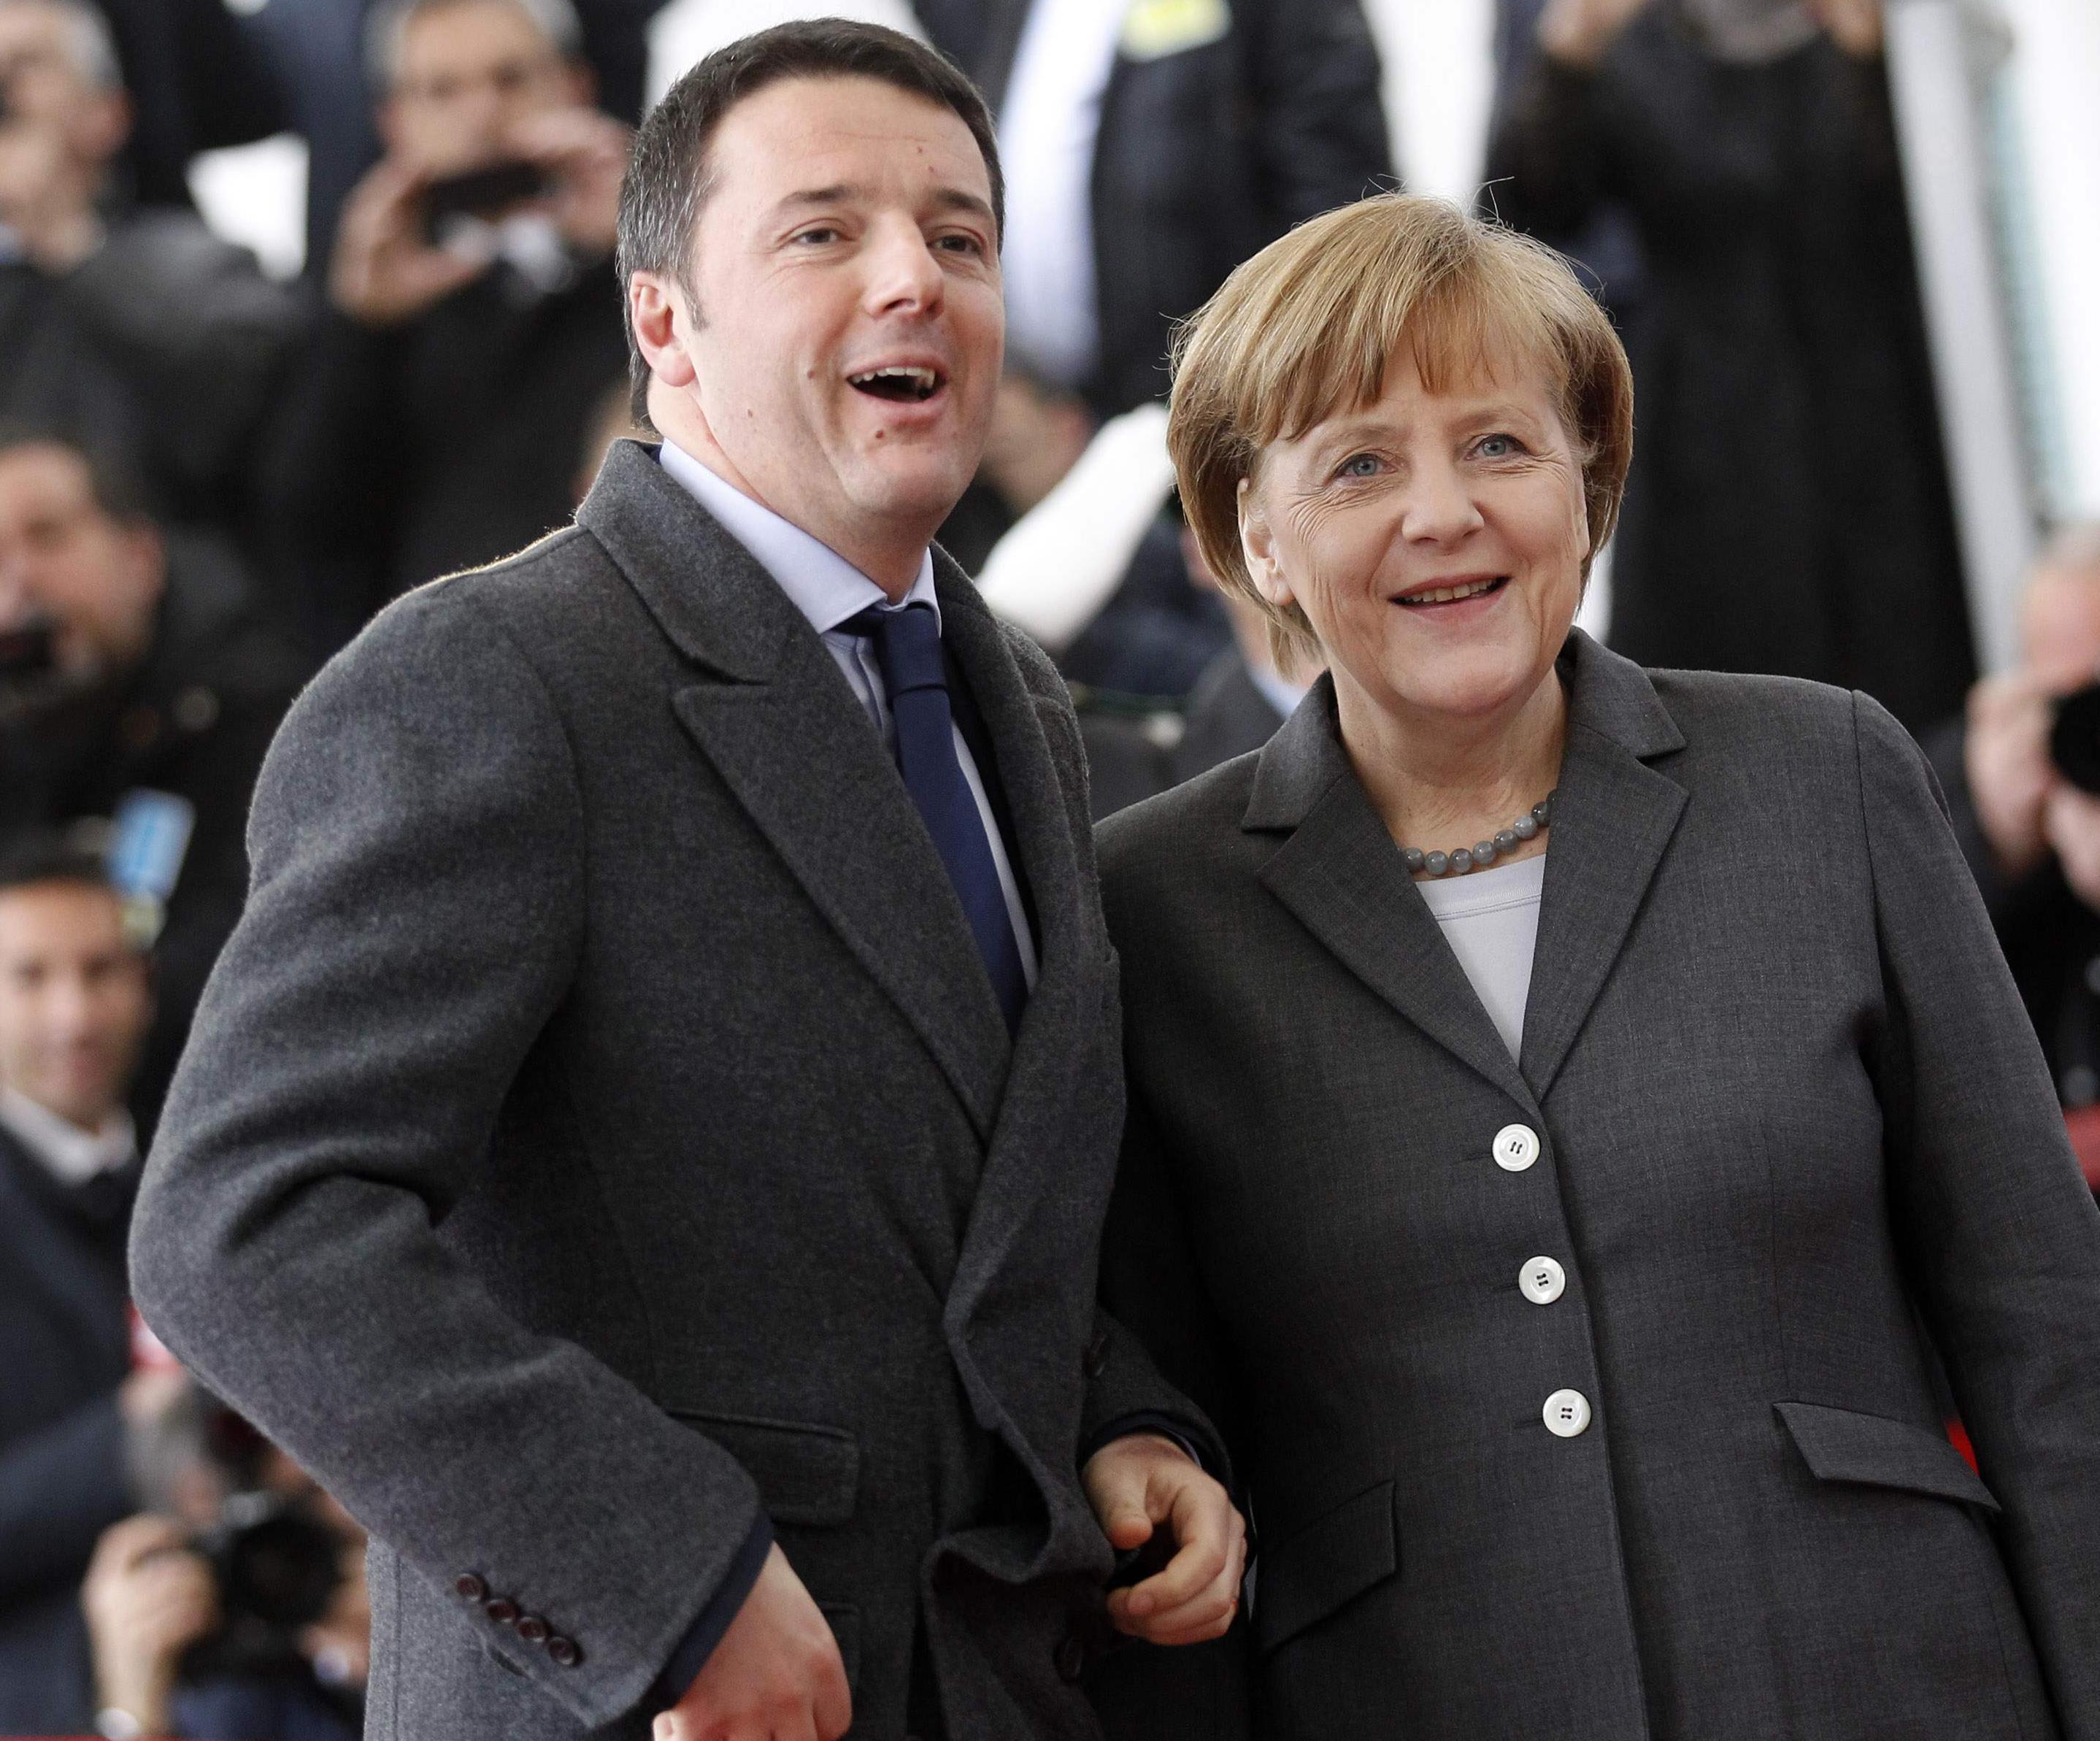 Manovra, la Germania ora chiede sanzioni contro Renzi